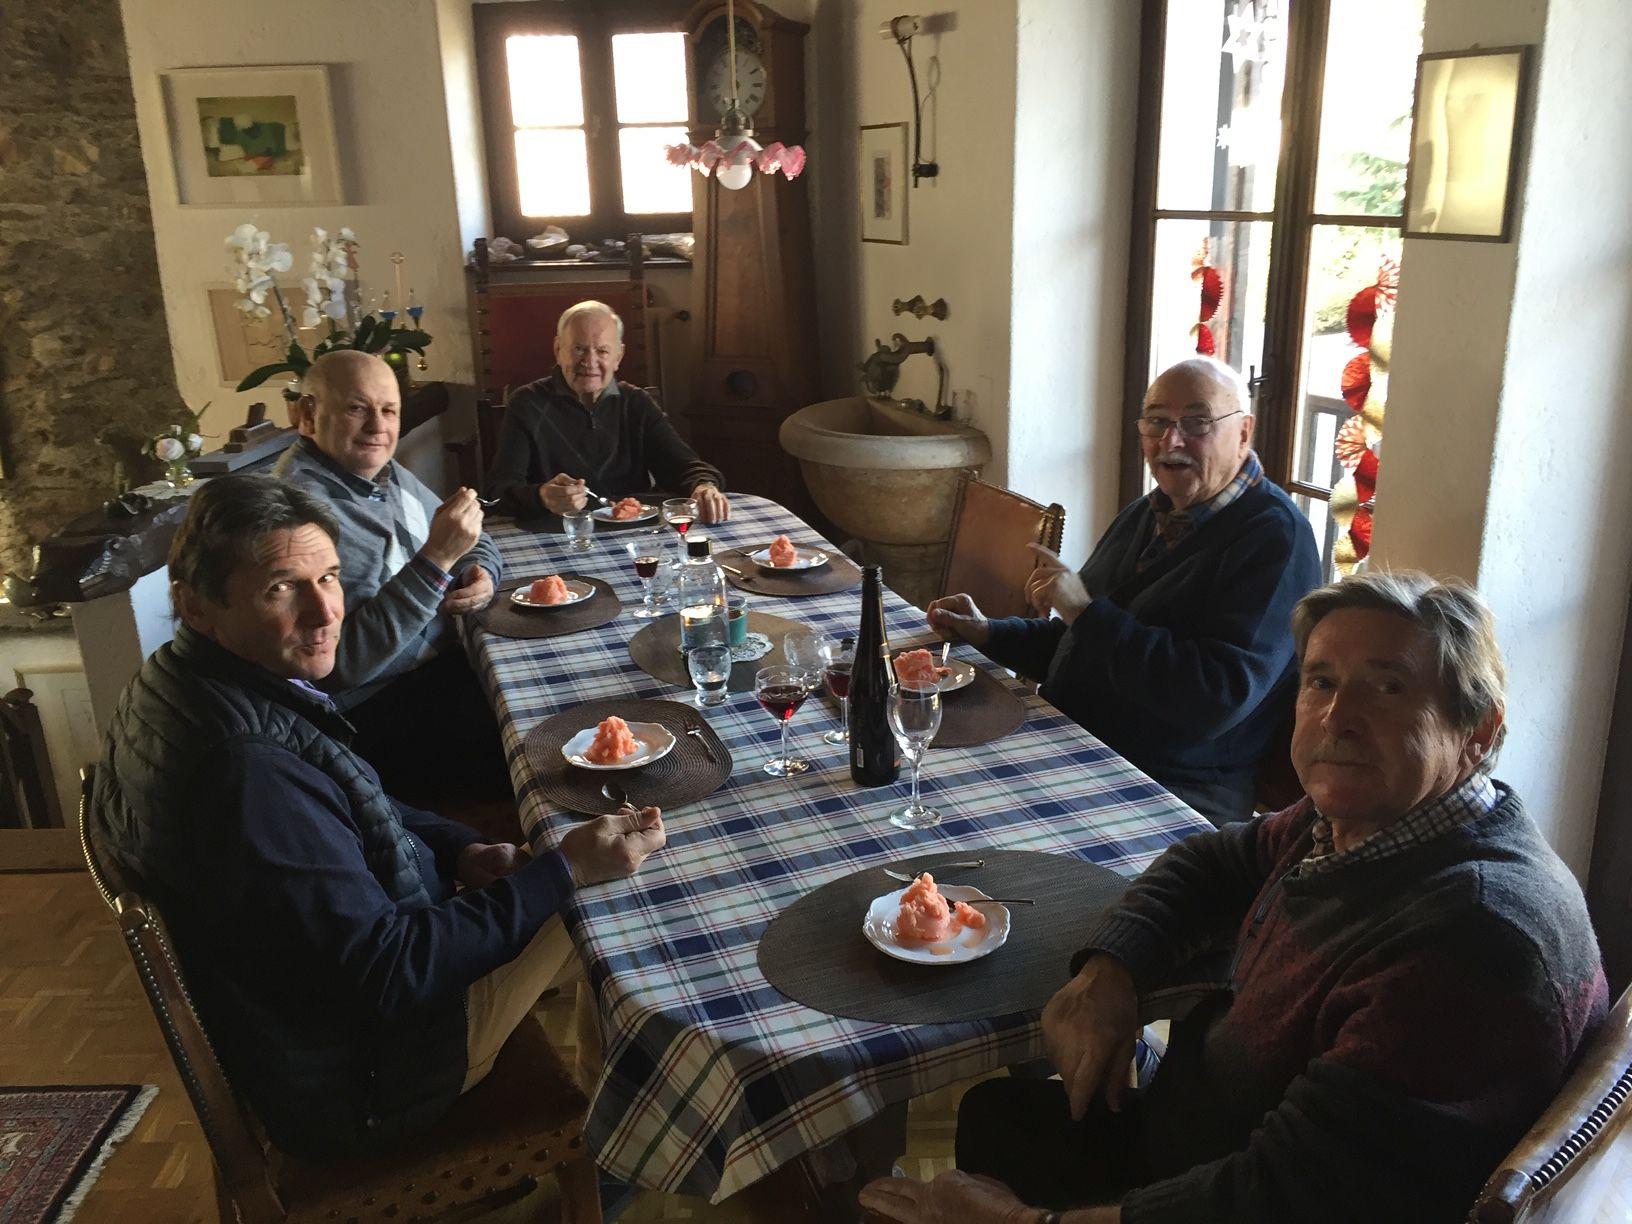 A Breganzona, in casa dell'artista Jean Marc Bühler e gli amici Luciano Gatti, Adriano Crivelli, Michele Bühler, Rudi Walter e Luciano Carazzetti